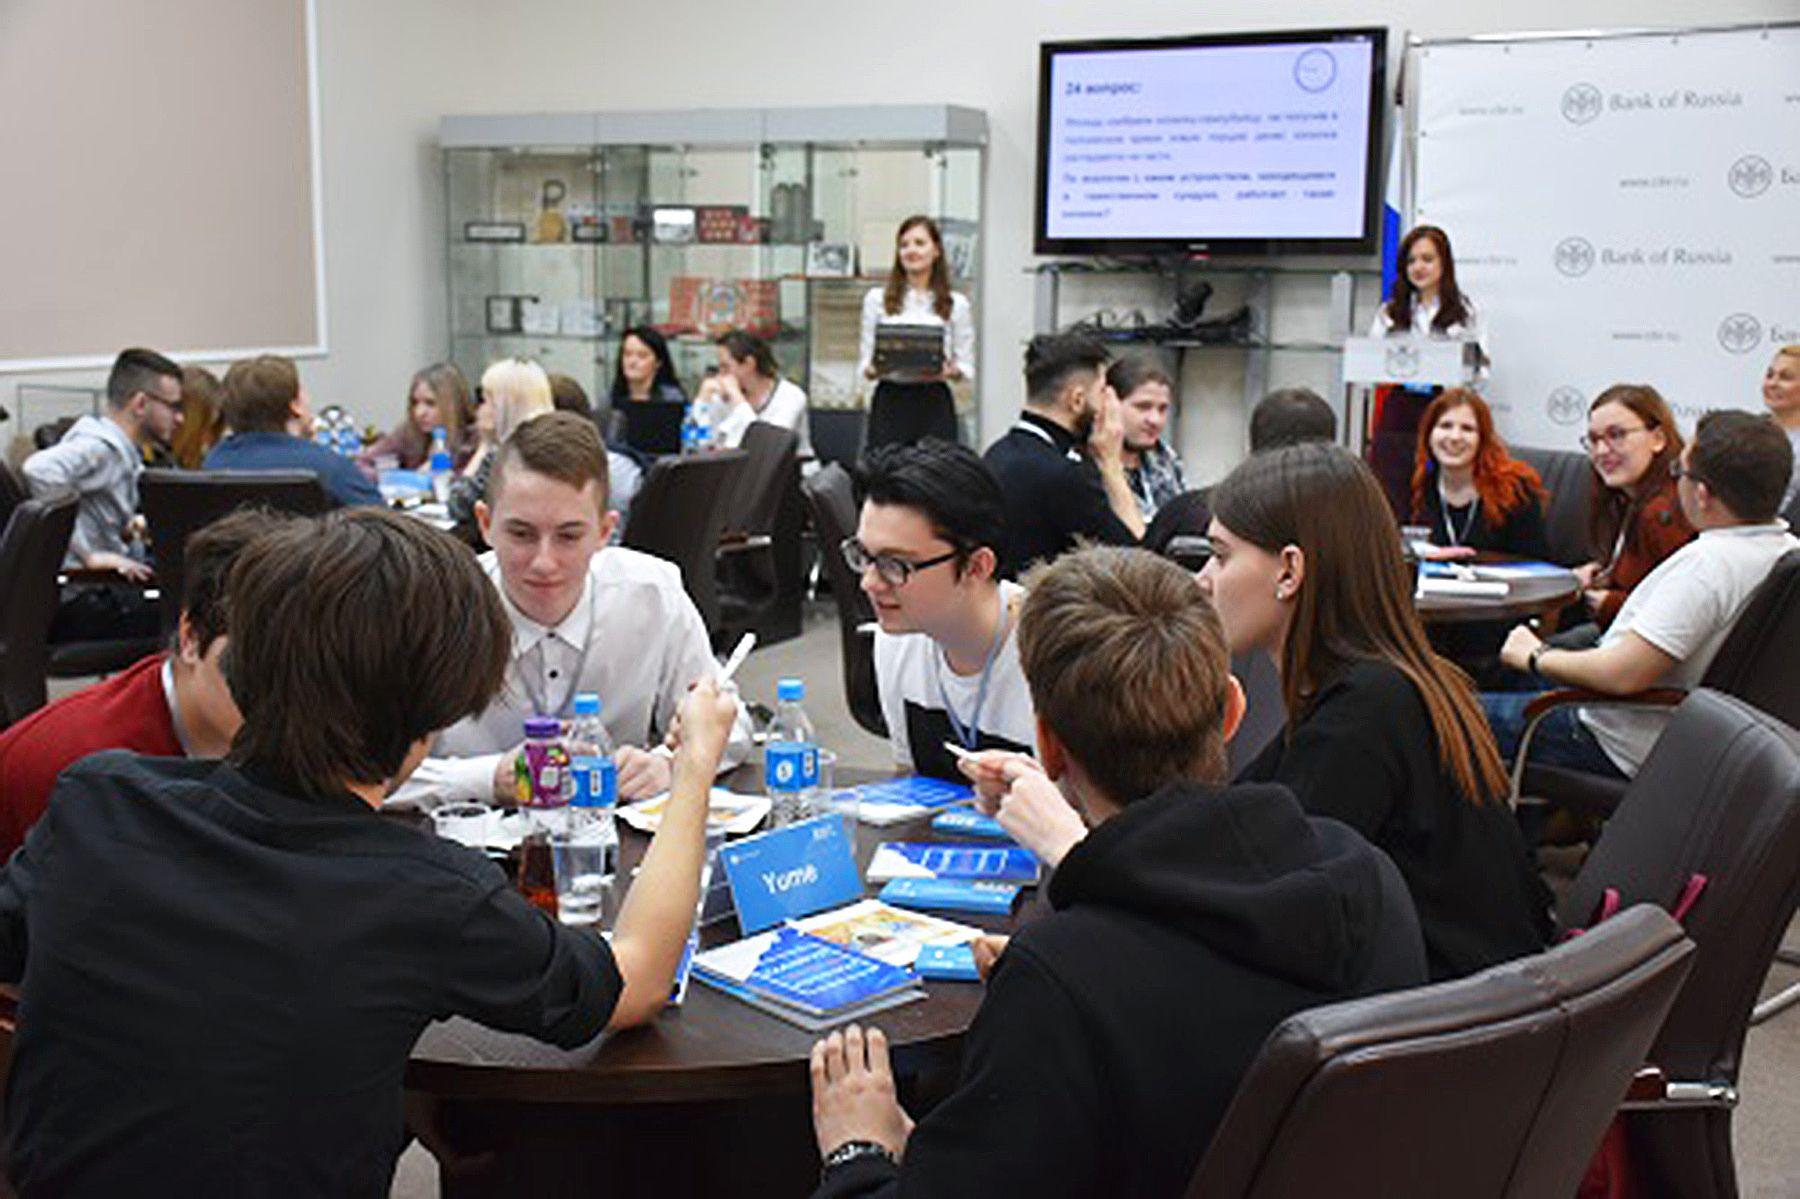 В интеллектуальной игре от Банка России победила команда студентов ВГУЭС Sly Foxes